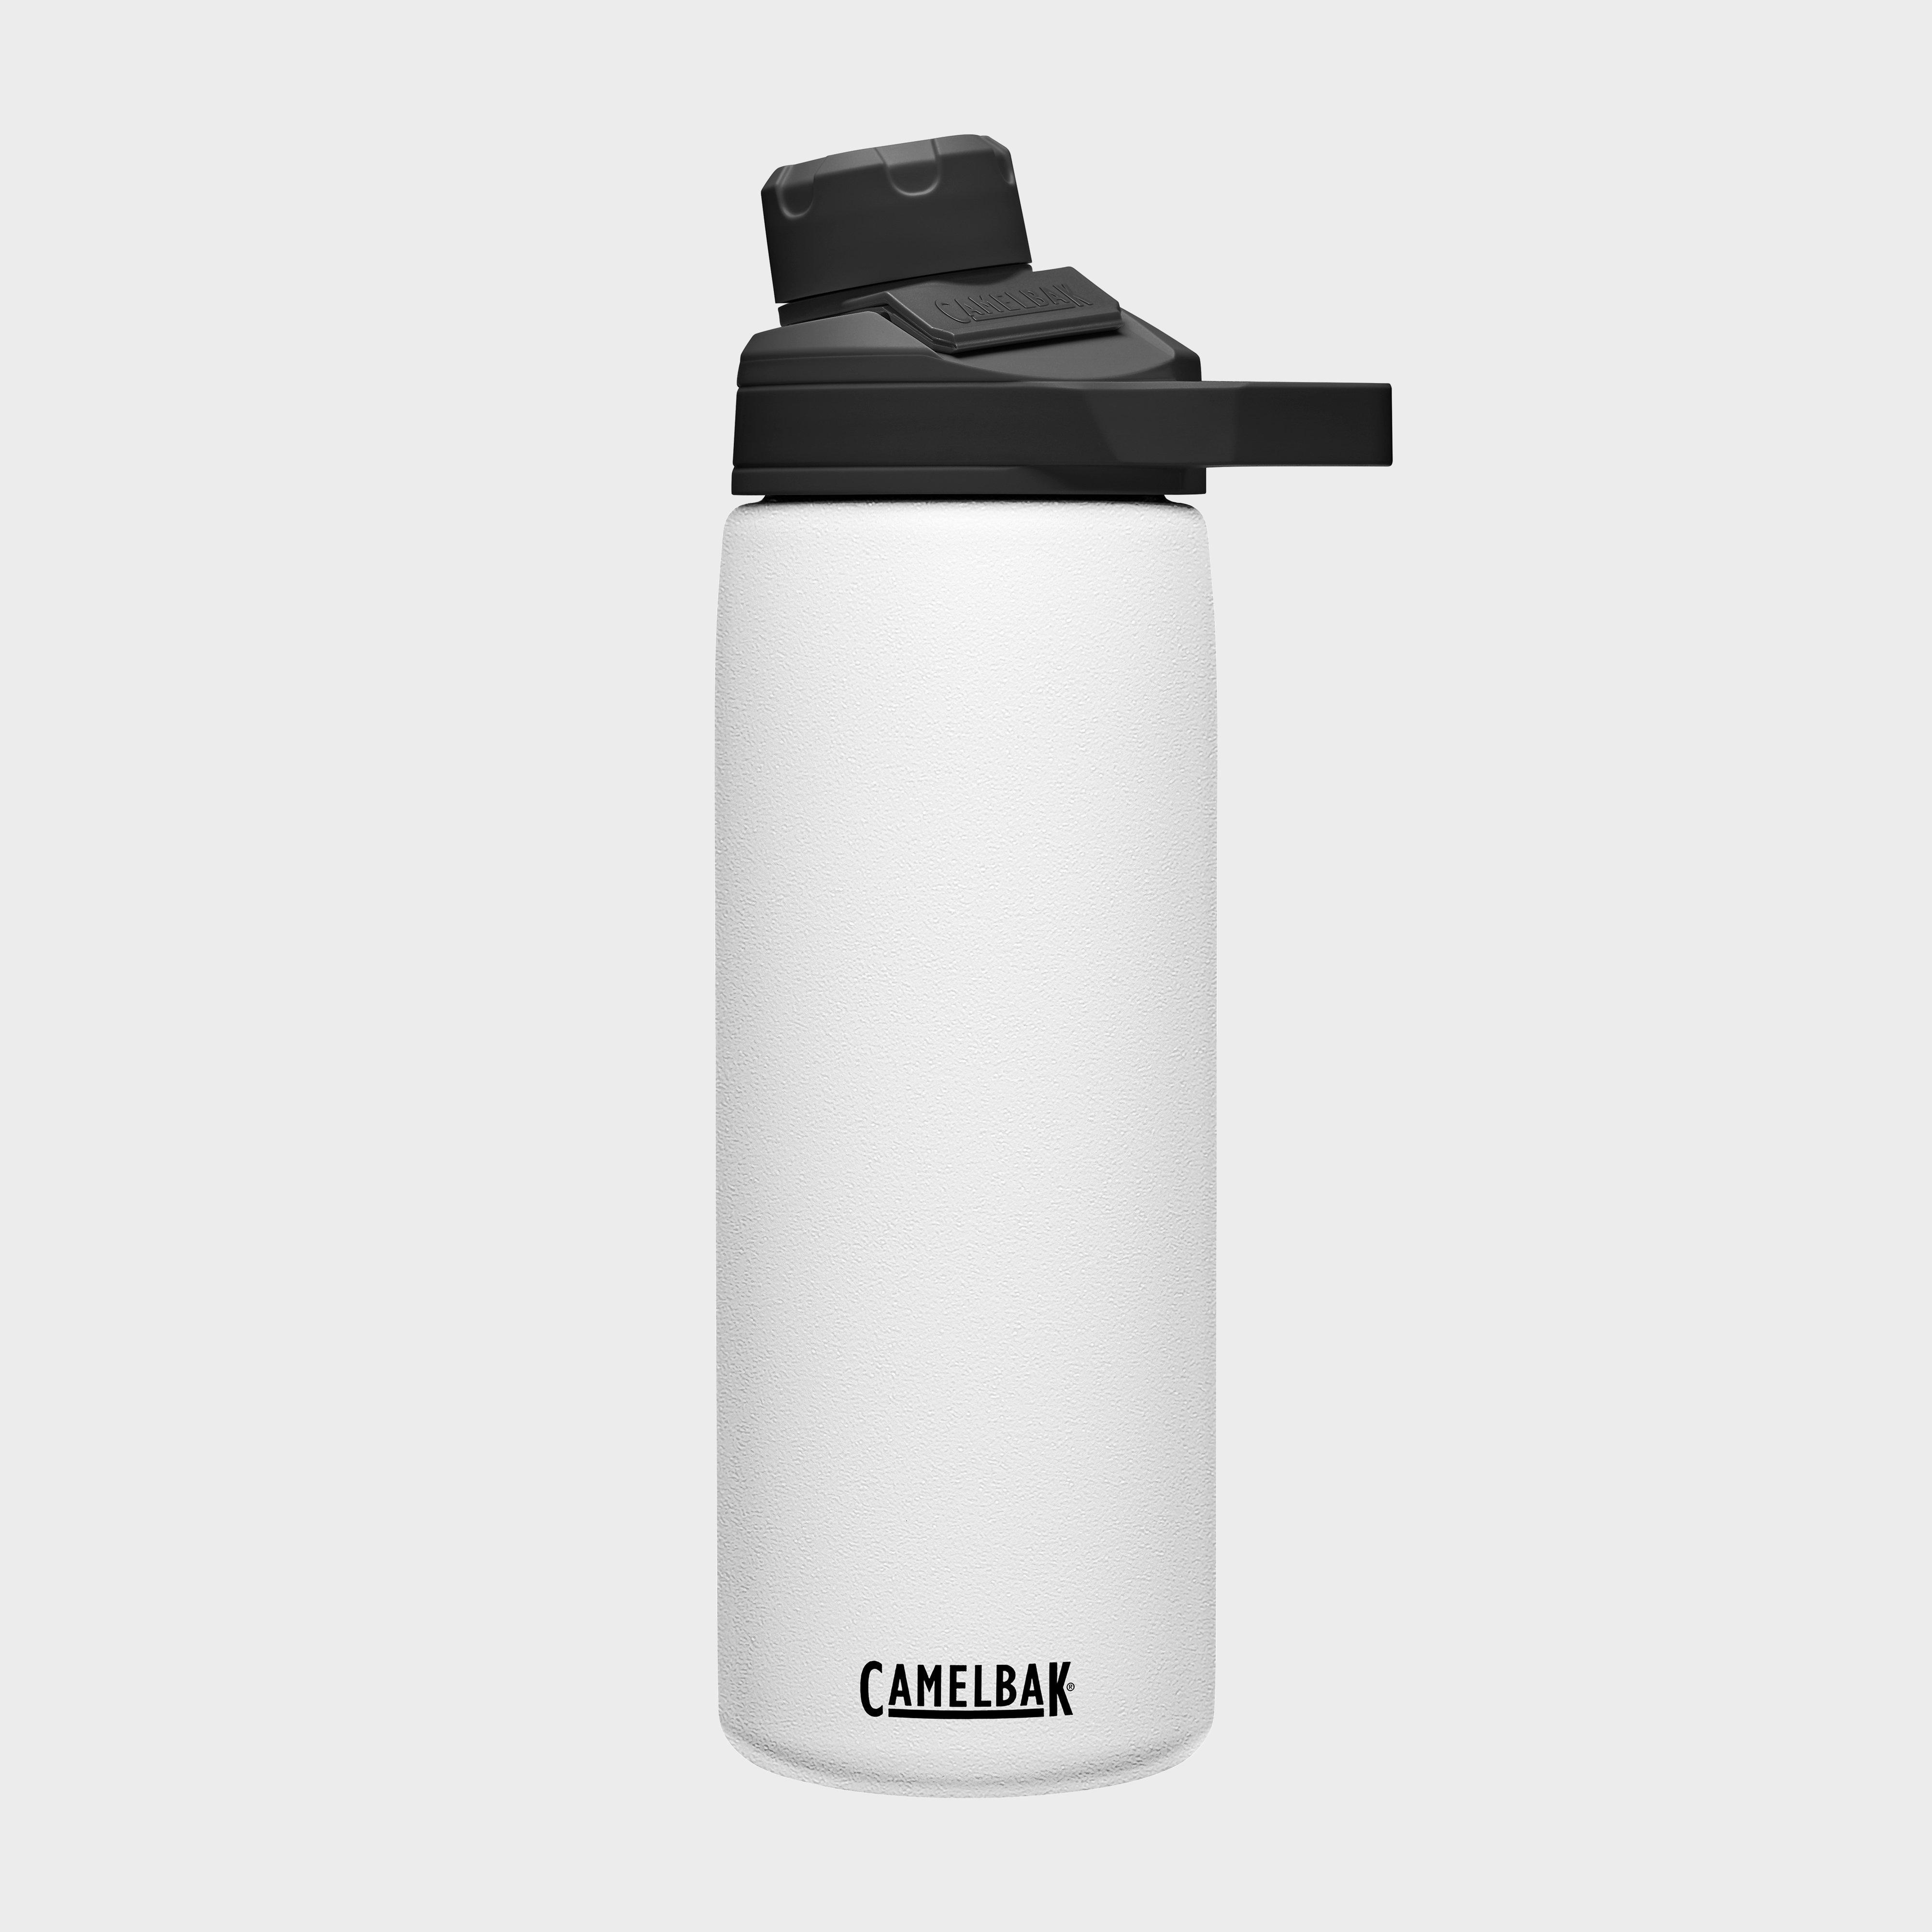 Camelbak Camelbak Chute Mag Vacuum Bottle 0.6 Litre, White